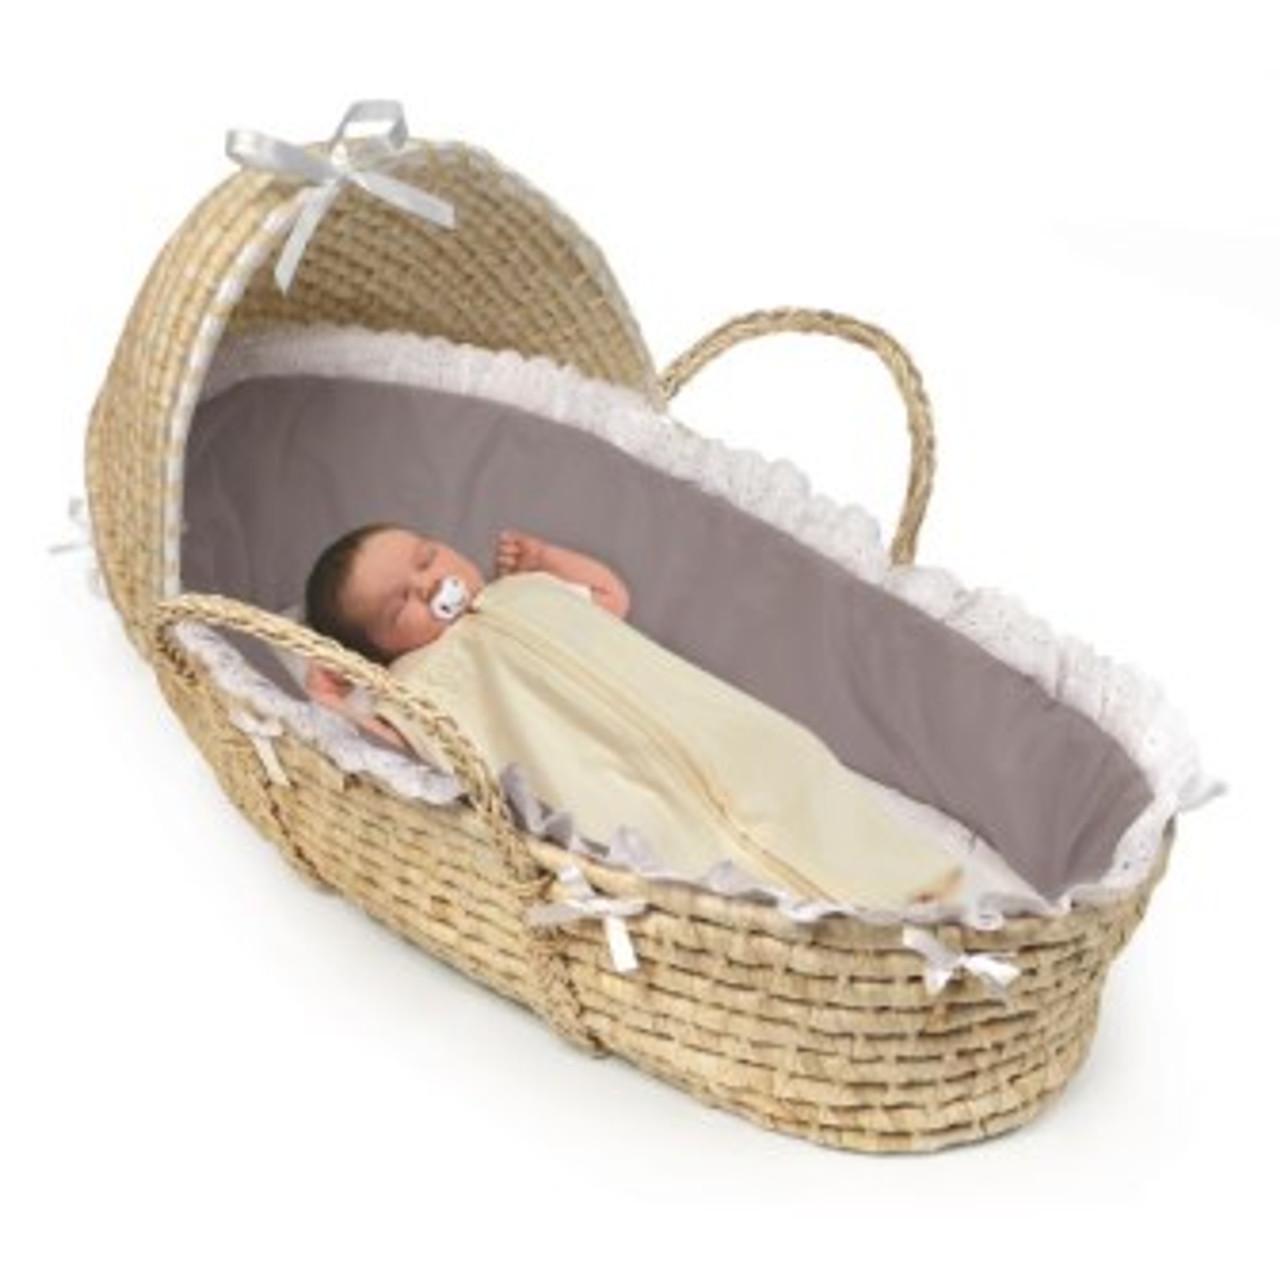 White Bedding Badger Basket Natural Moses Basket with Hood